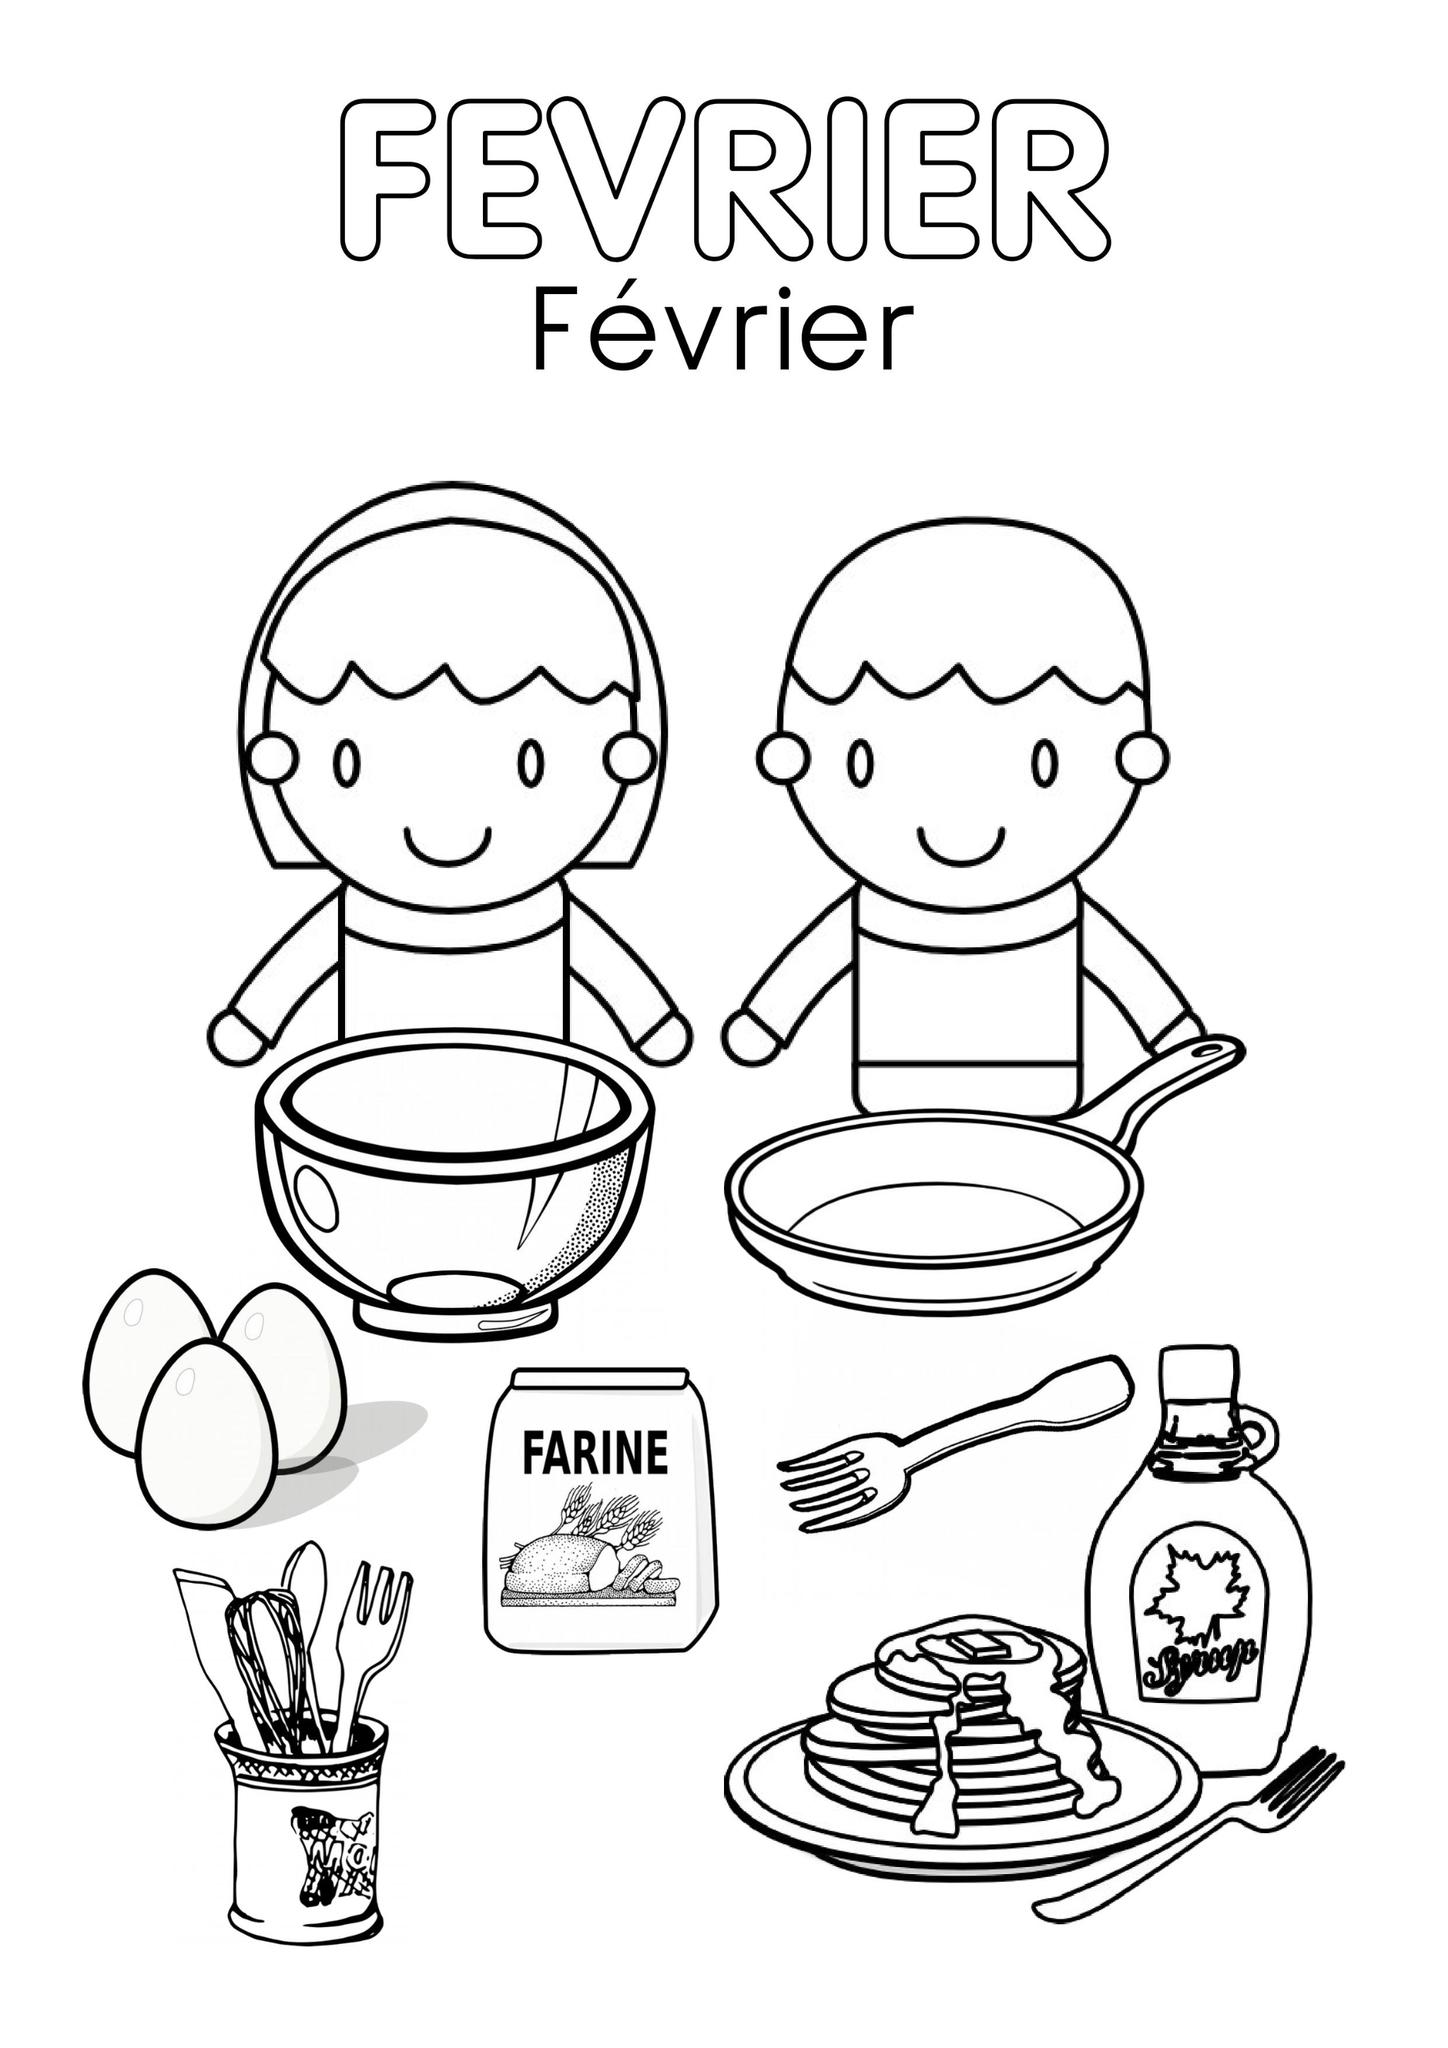 Coloriages Février - Assistante Maternelle Argenteuil - Orgemont intérieur Coloriage Février